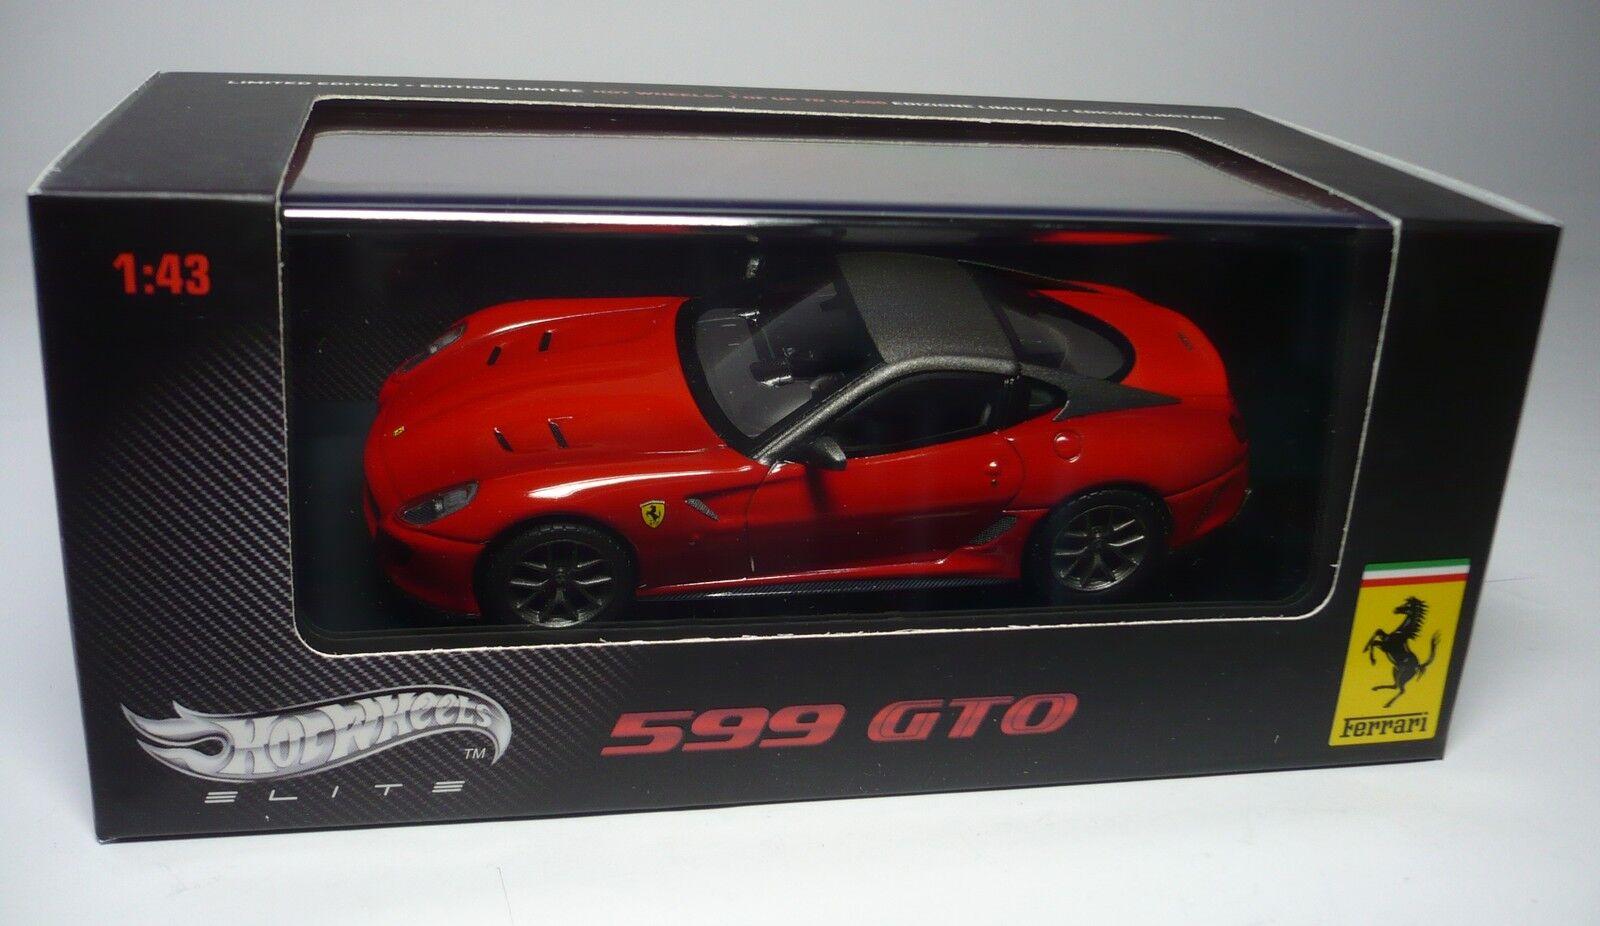 UN FERRARI 599 GTO 1:43 MATTEL HOT WHEELS ELITE